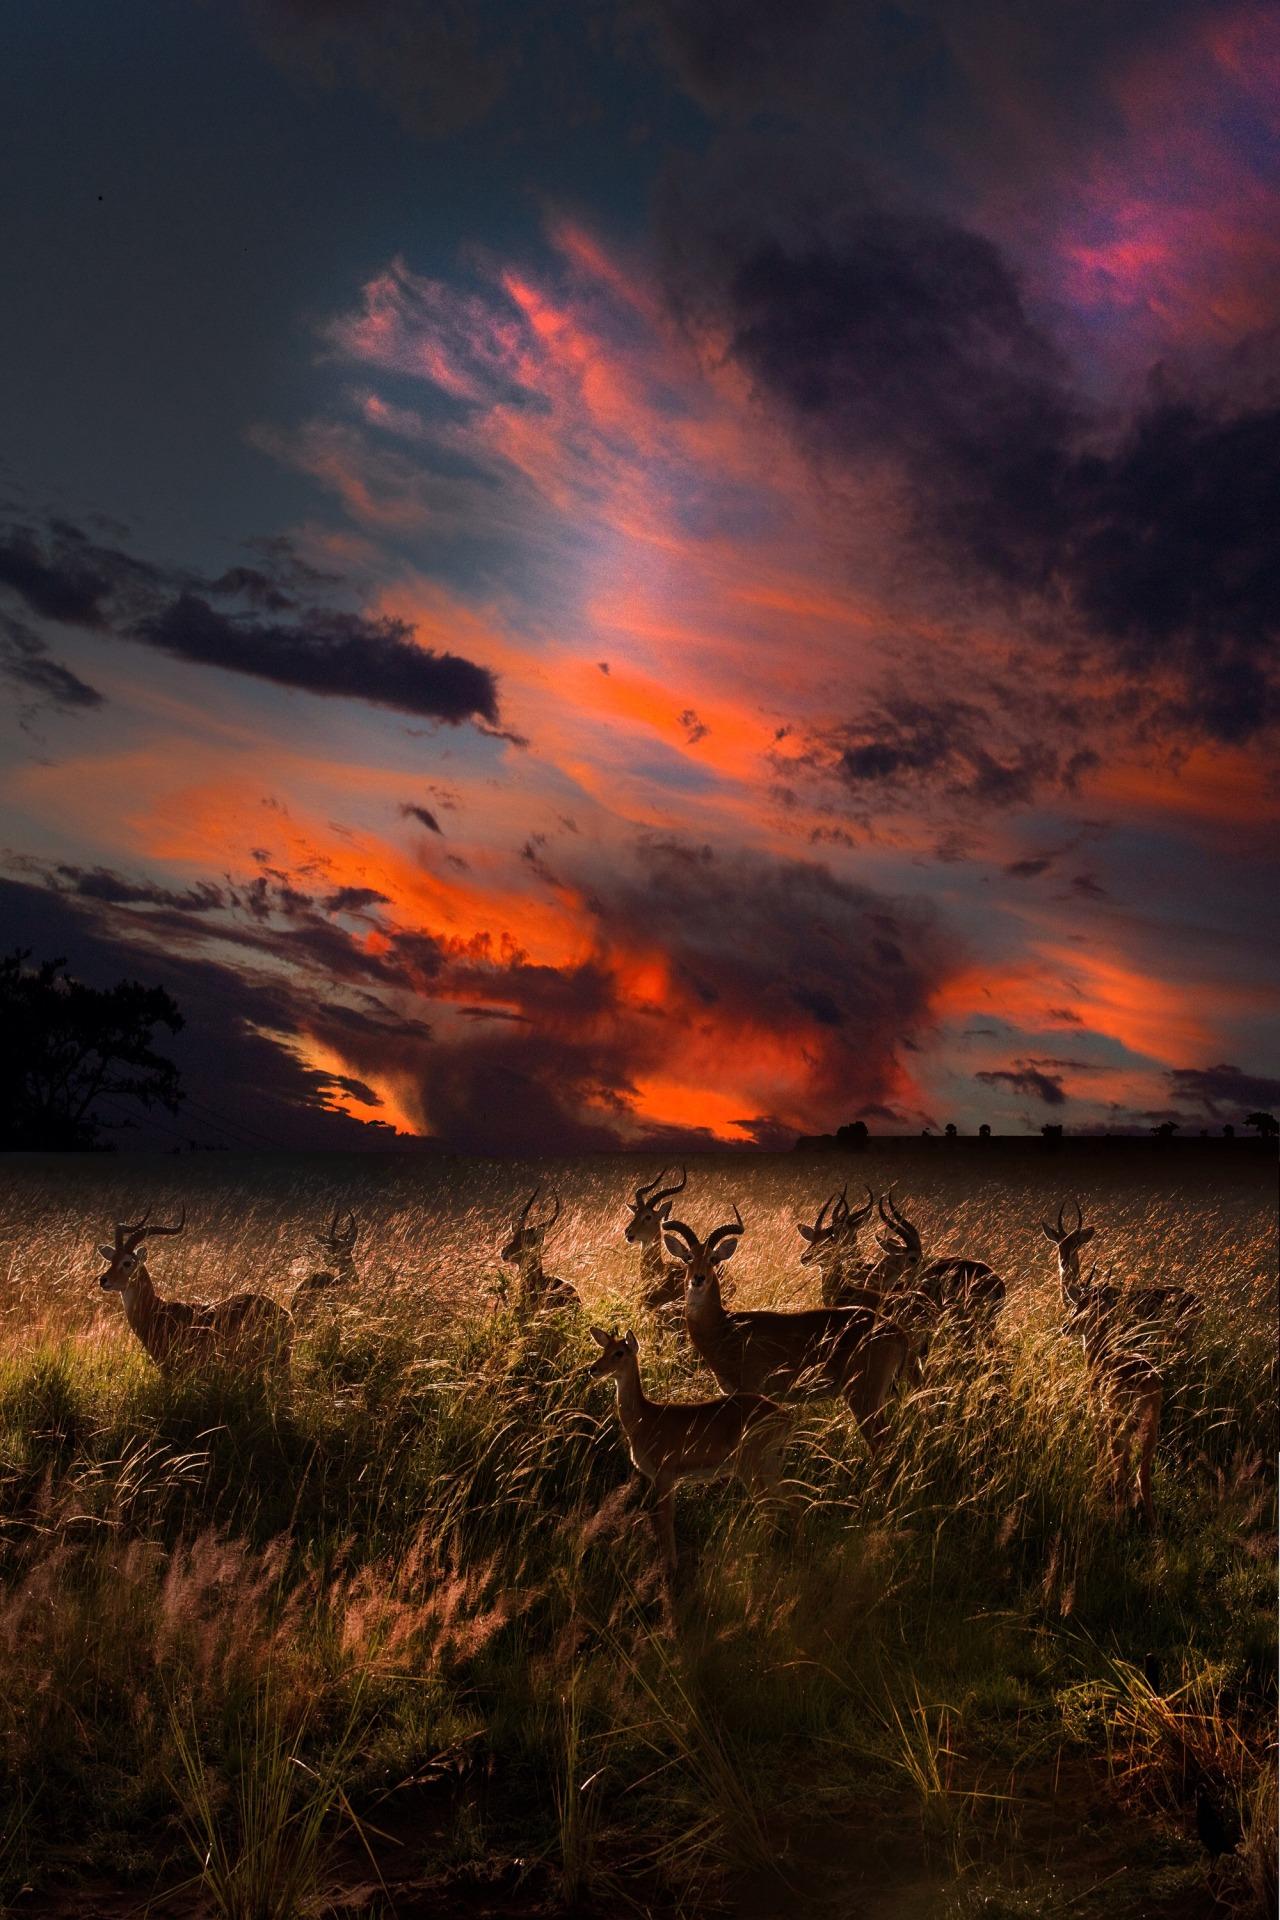 Gazelles by DavidHobcote